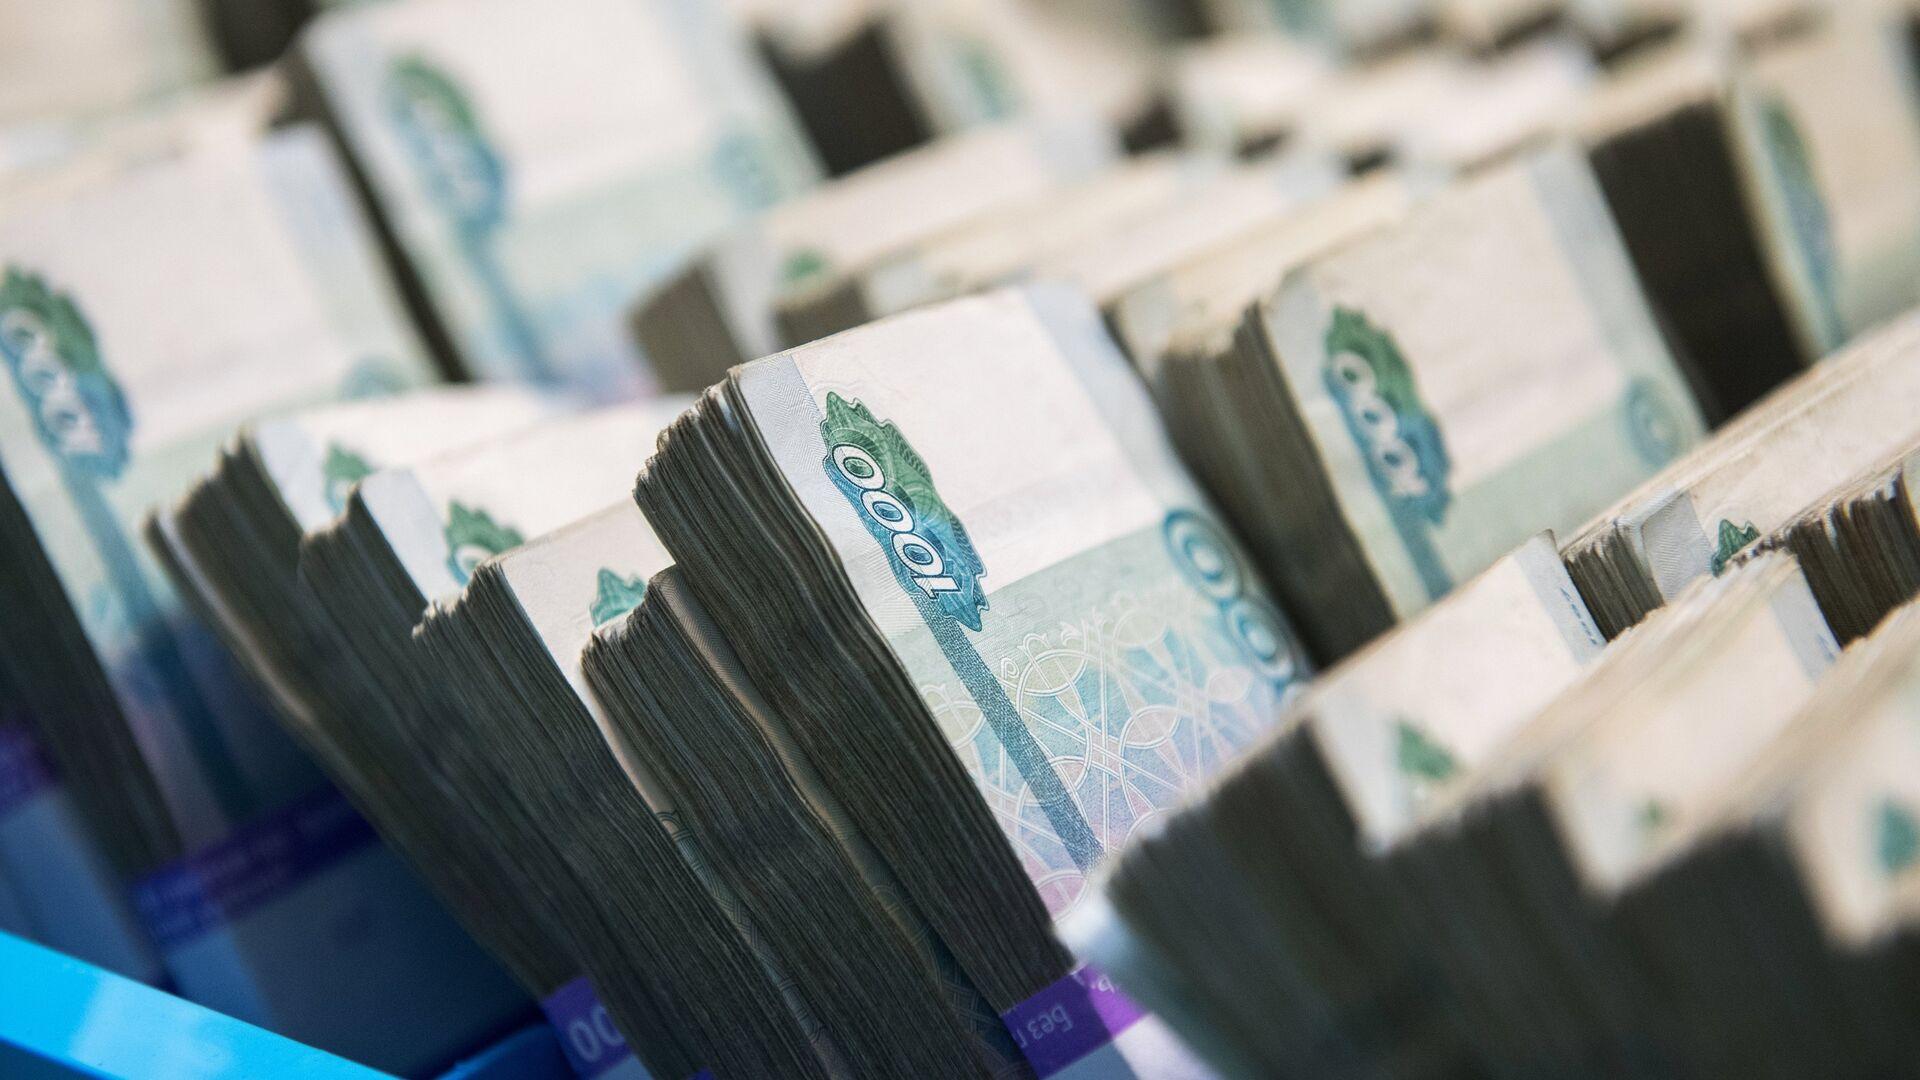 Банкноты номиналом 1000 рублей - РИА Новости, 1920, 22.07.2021